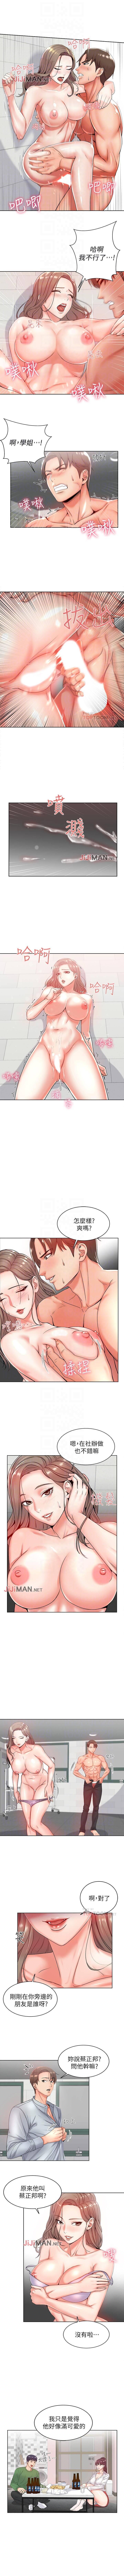 【周三连载】超市的漂亮姐姐(作者:北鼻&逃兵) 第1~20话 19